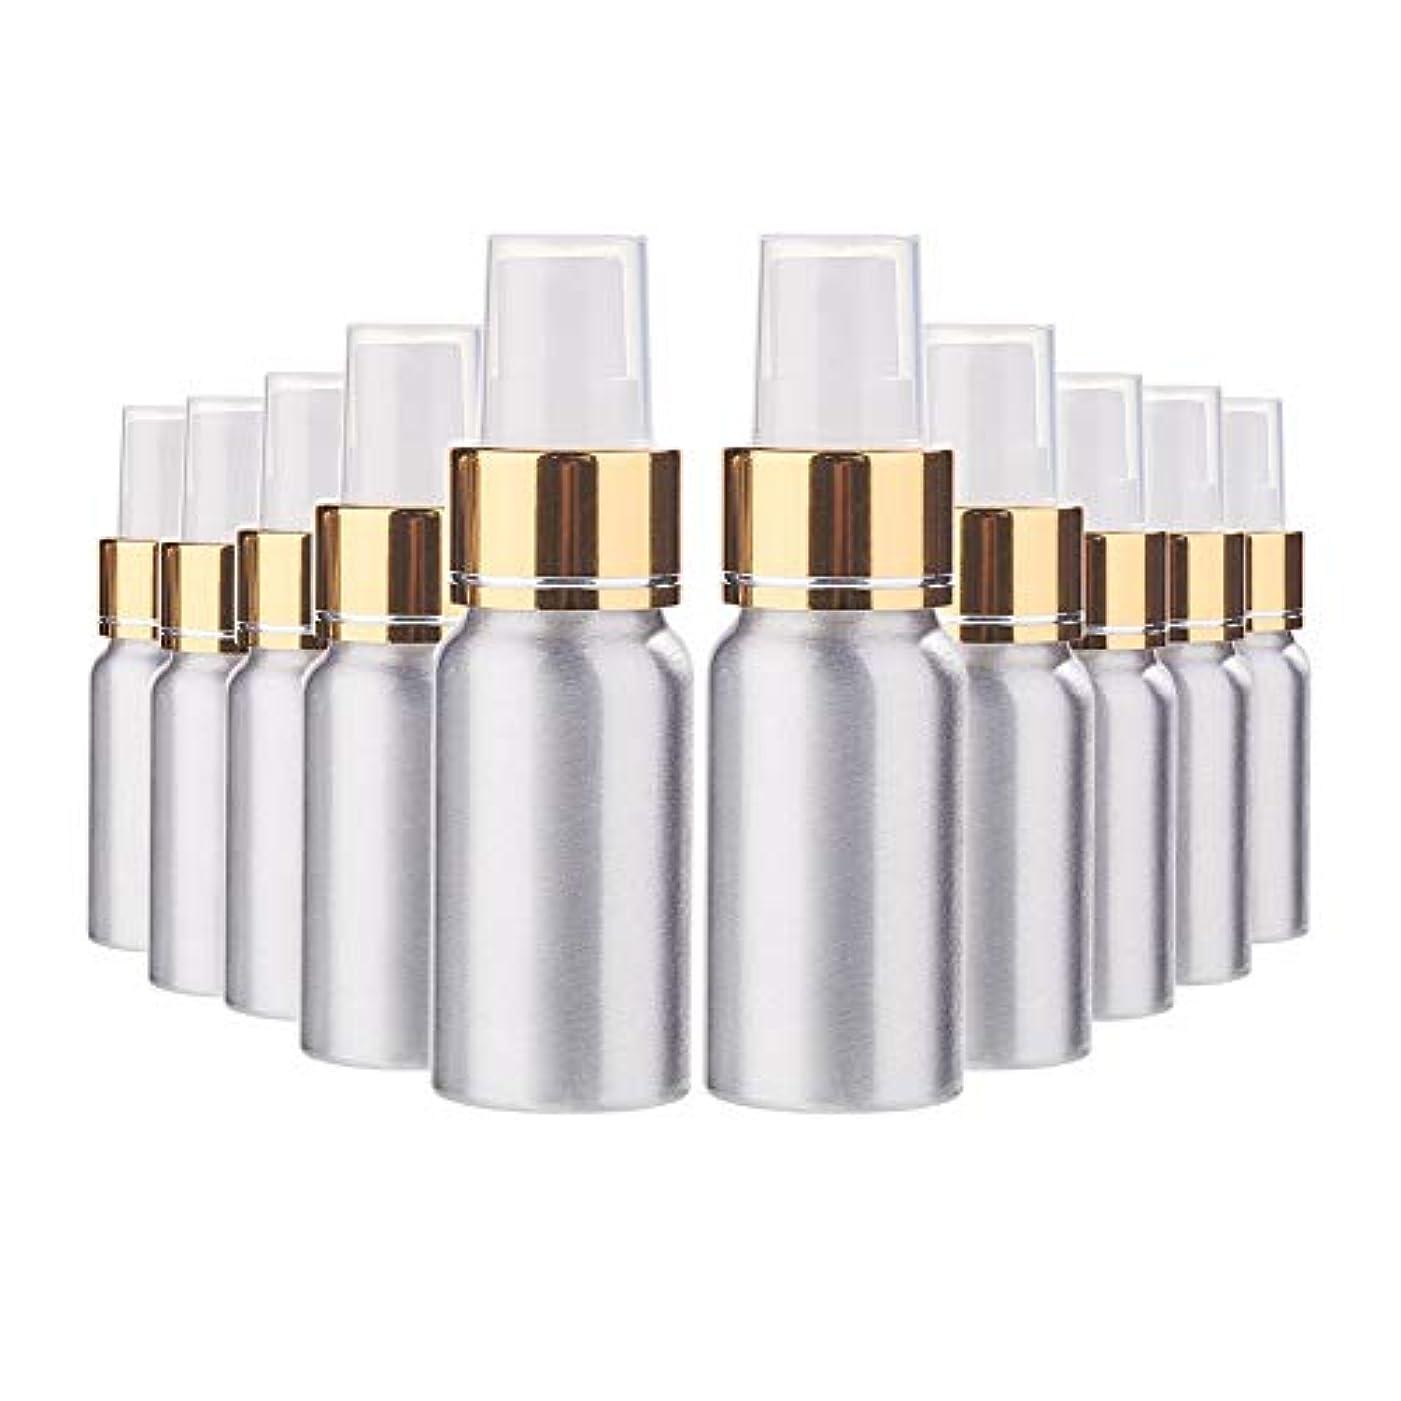 ヘビ管理します援助するBENECREAT 10個セット30mlスプレーアルミボトル 空ボトル 極細のミスト 防錆 軽量 化粧品 香水 小分け 詰め替え